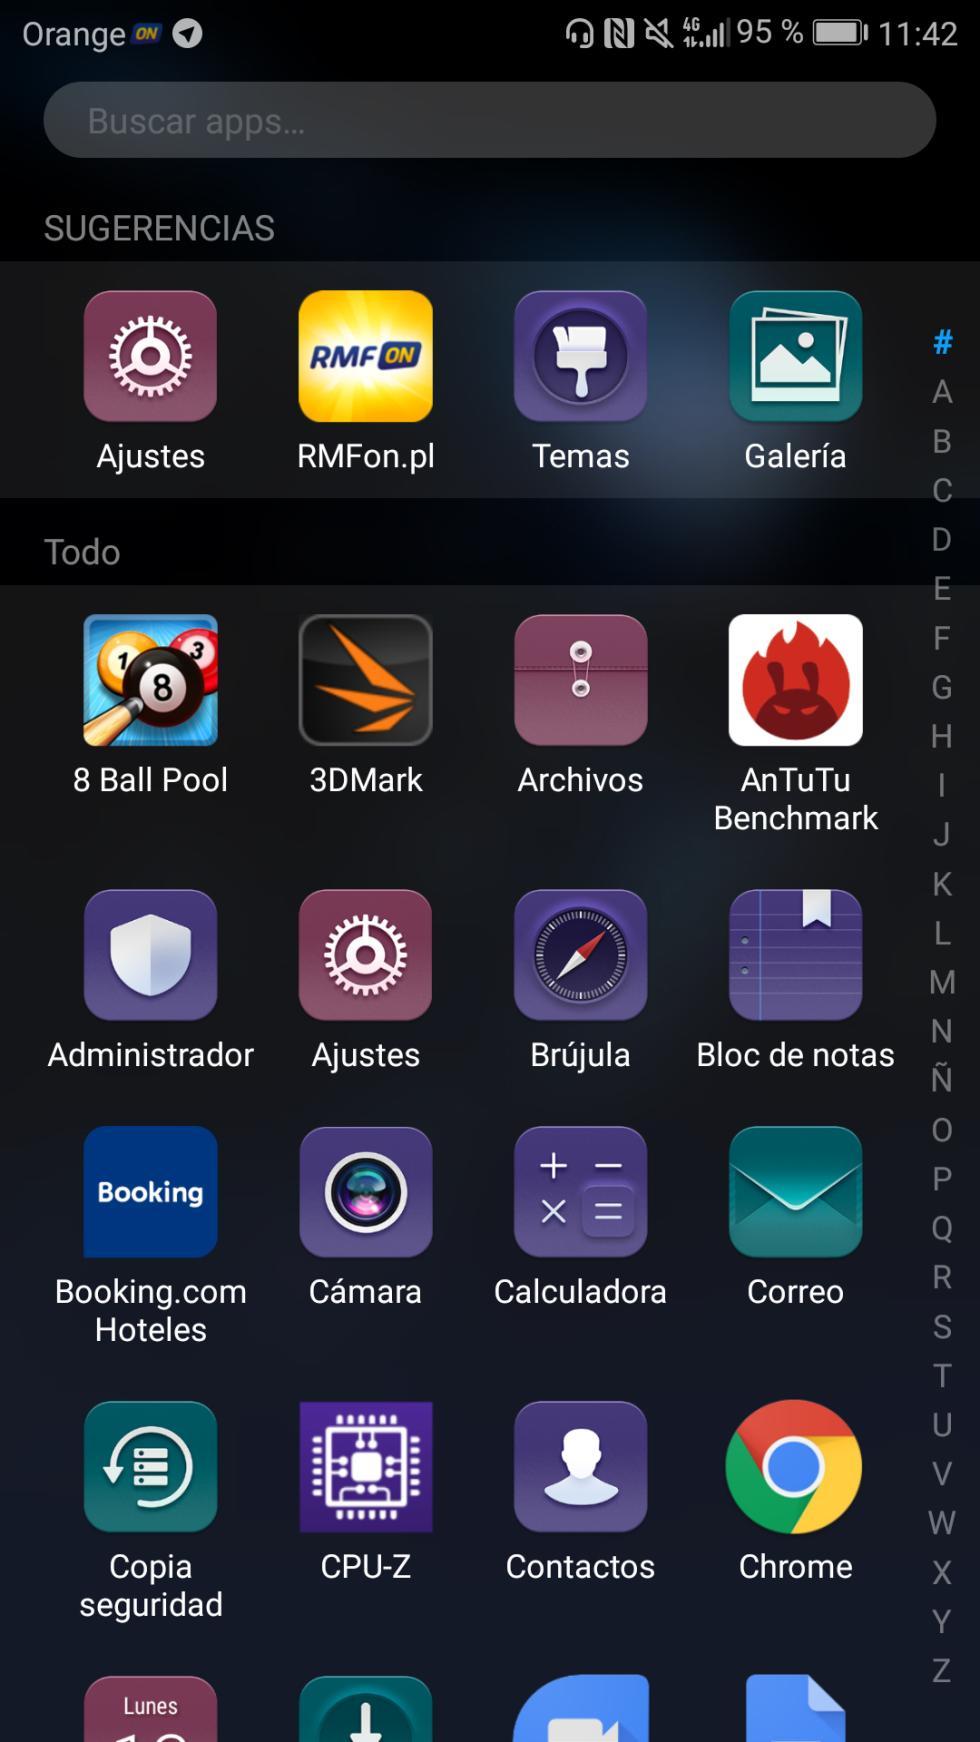 Si decidimos dejar activado el cajón de aplicaciones (que es opcional), así veremos los accesos directos de nuestras apps